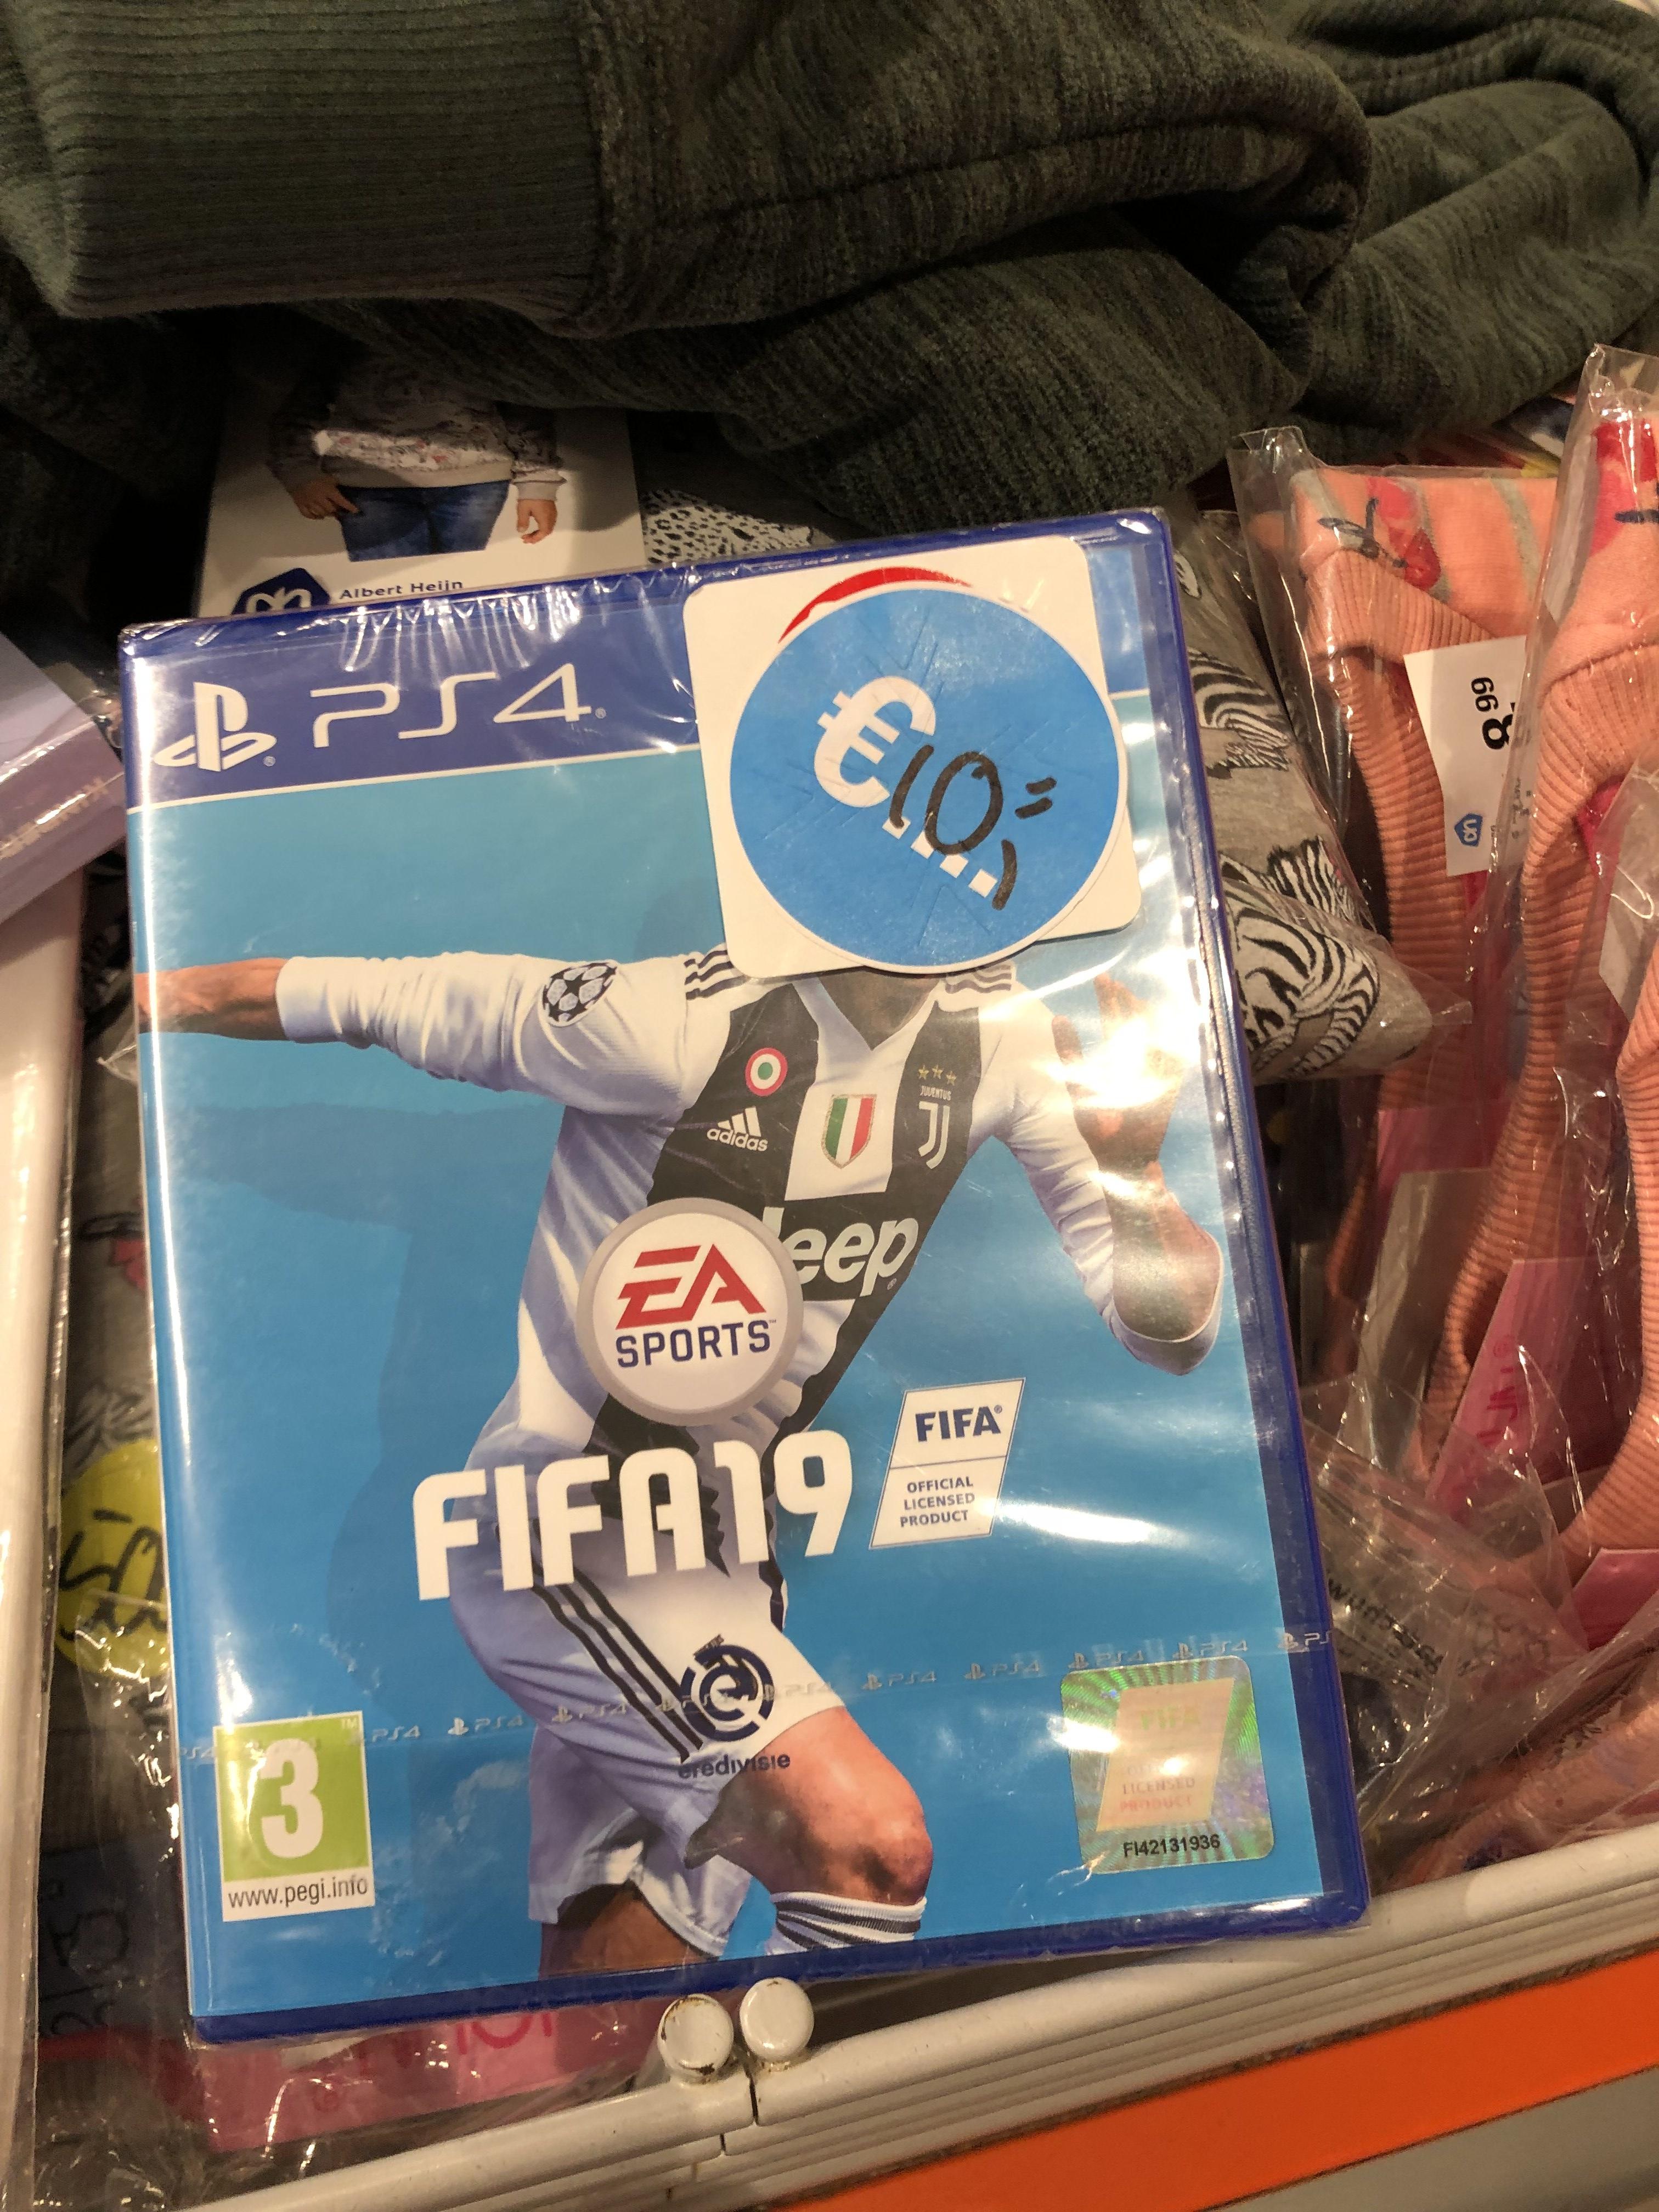 Lokaal Ah Leidschendam FIFA 19 PS4 voor een tientje